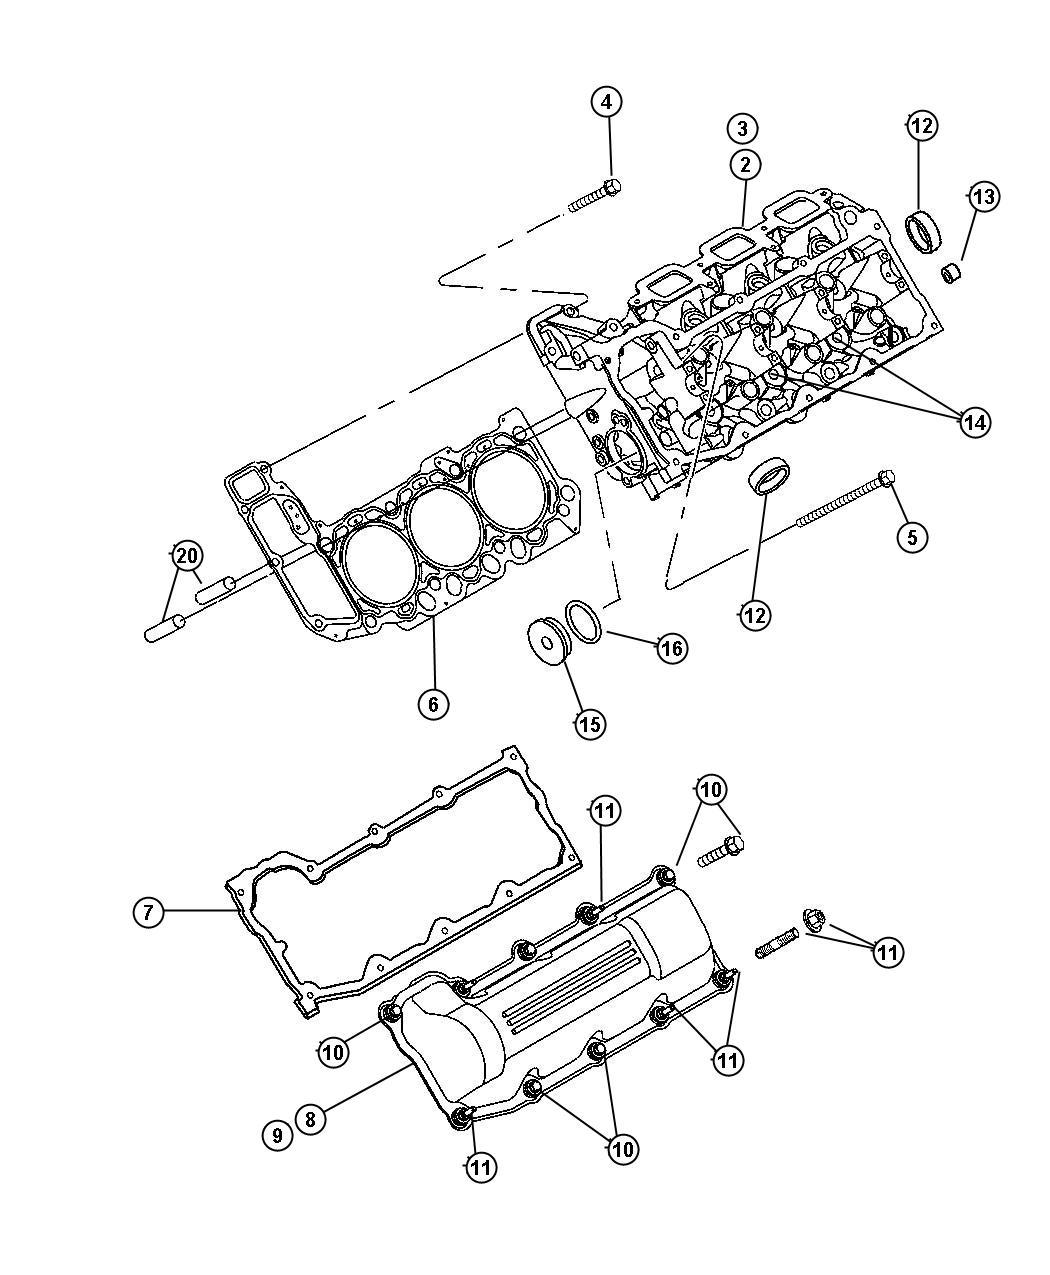 V8 Engine Oil Fill